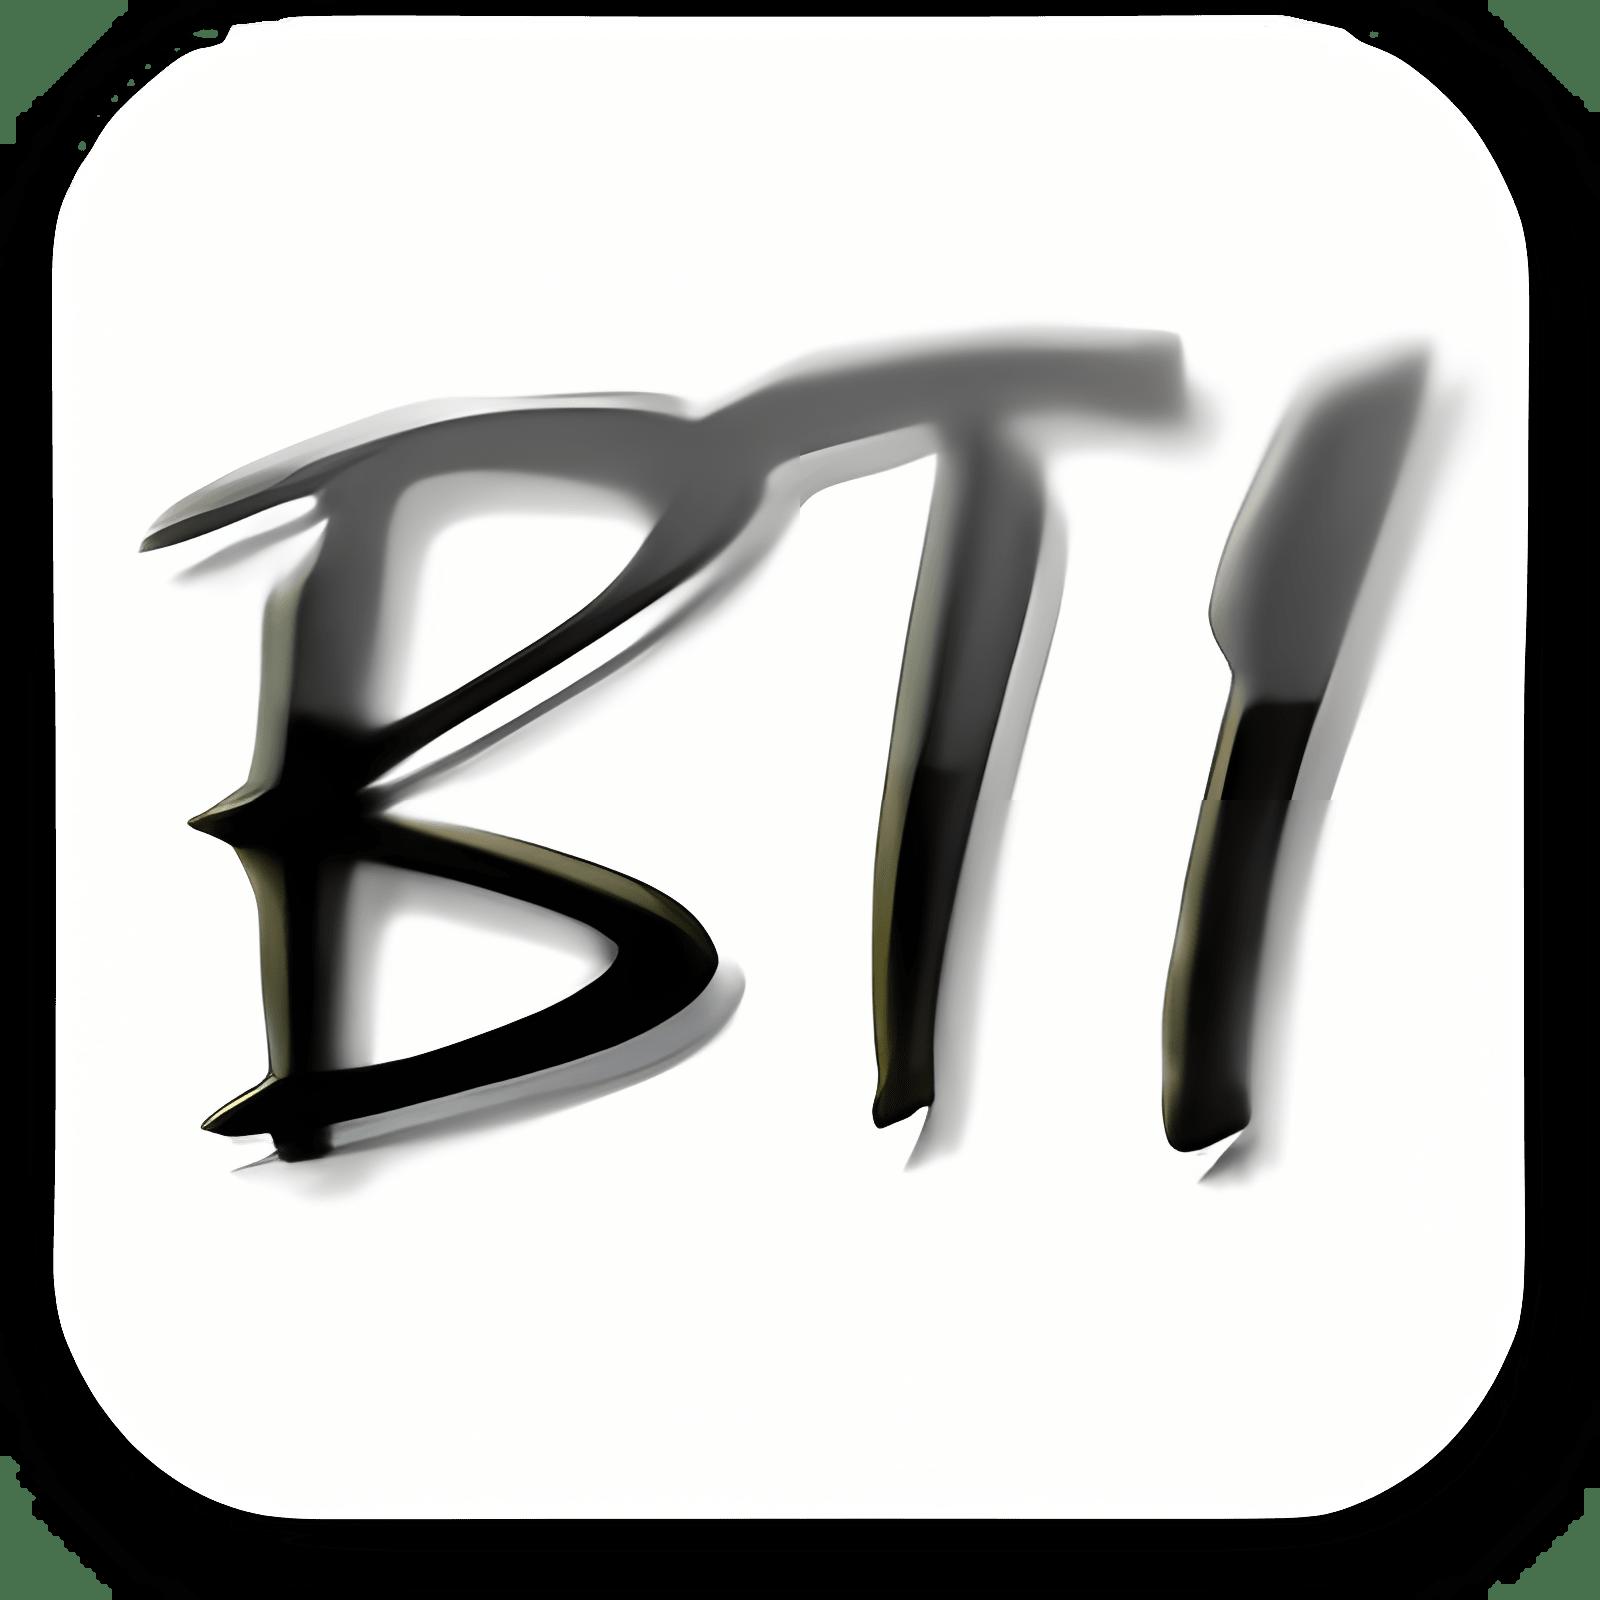 BTI 2.0